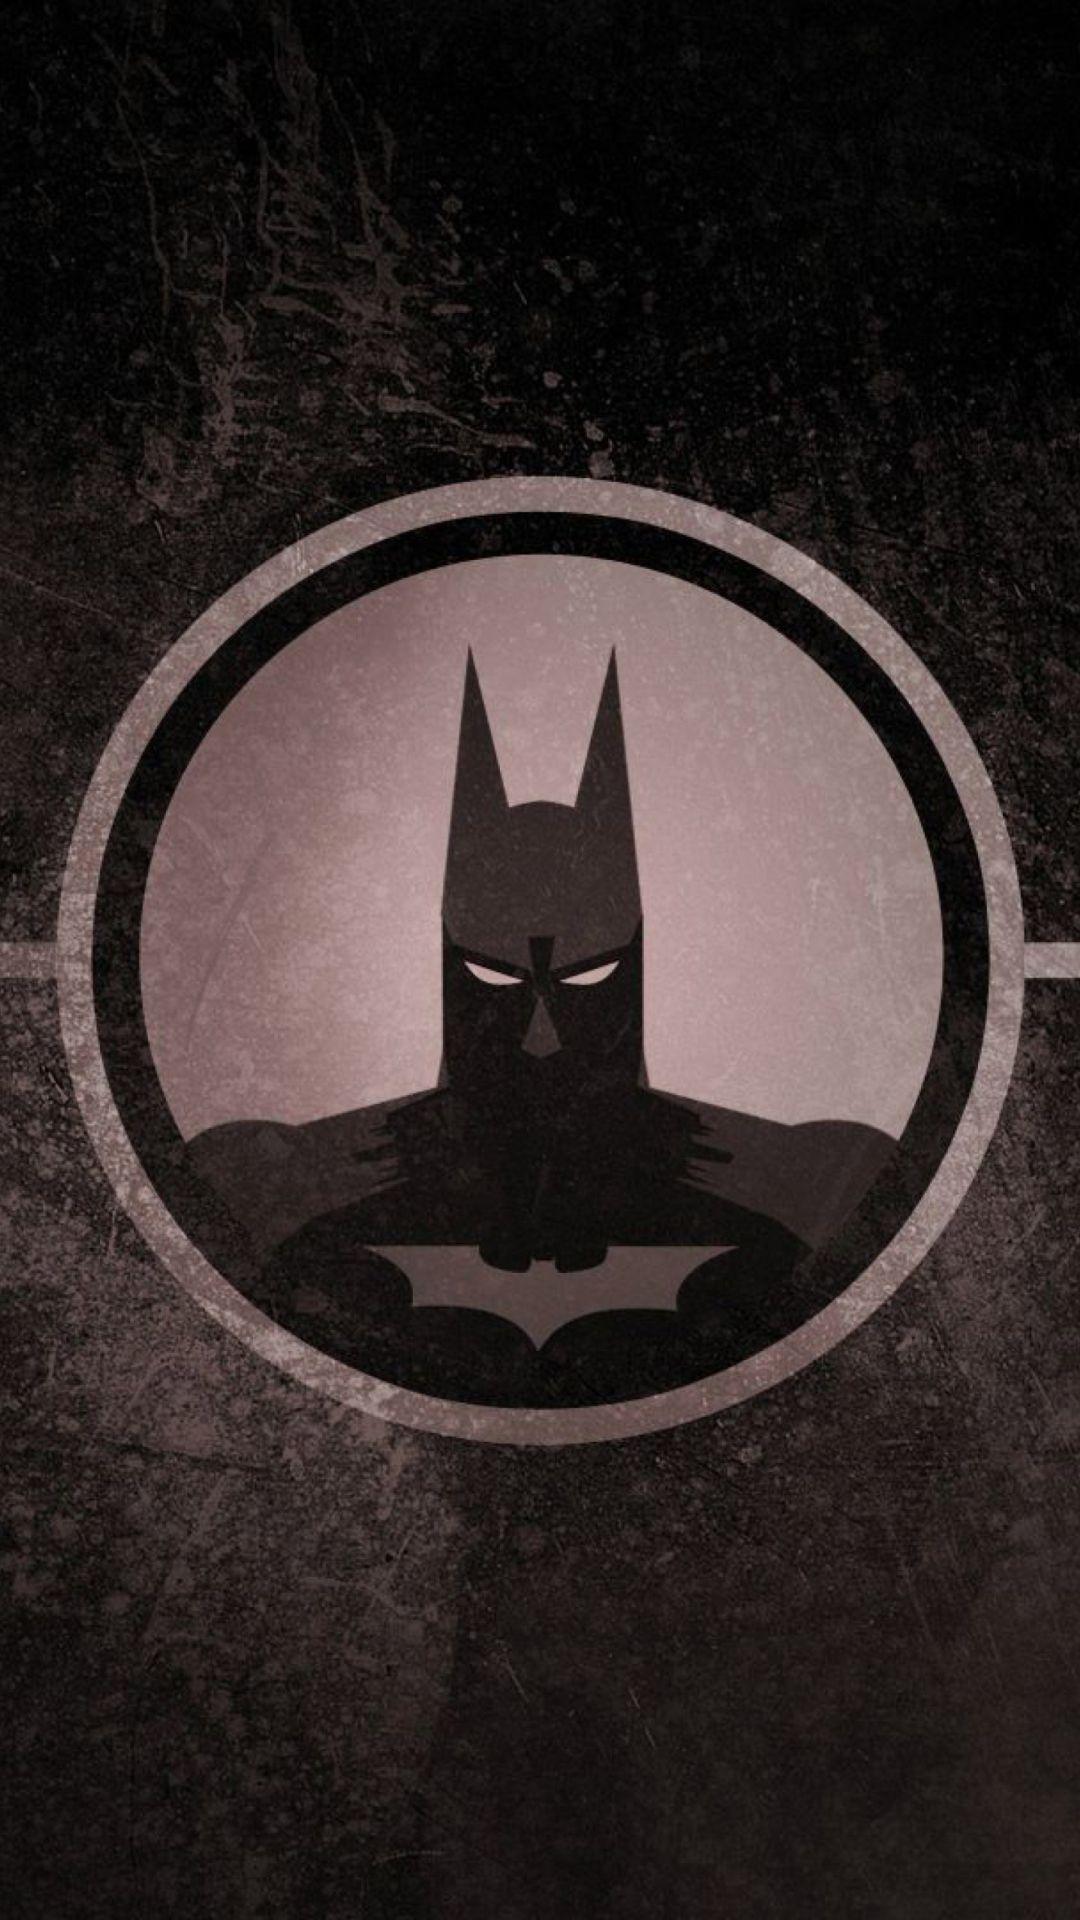 Batman Comics Download Gratuiti Per Iphone More